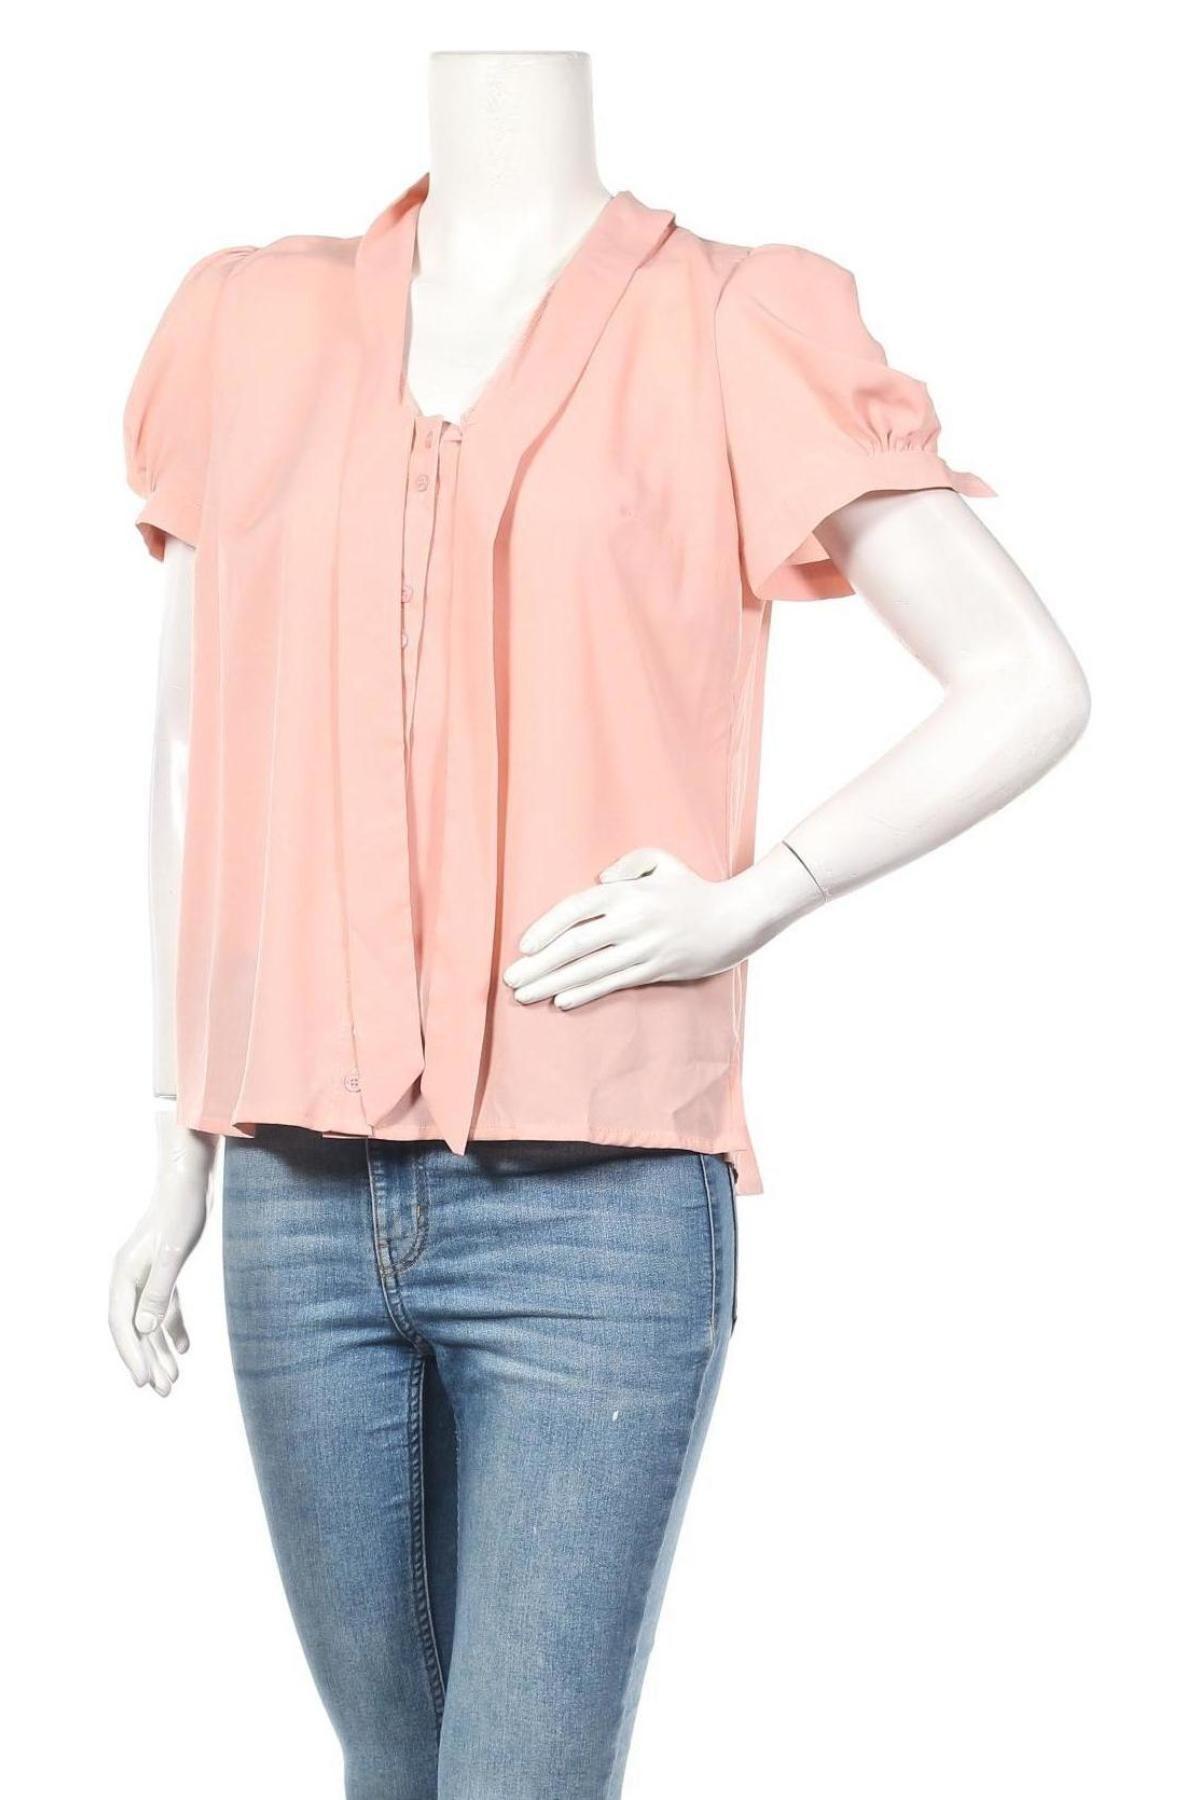 Дамска риза Nife, Размер L, Цвят Розов, 98% полиестер, 2% еластан, Цена 31,85лв.